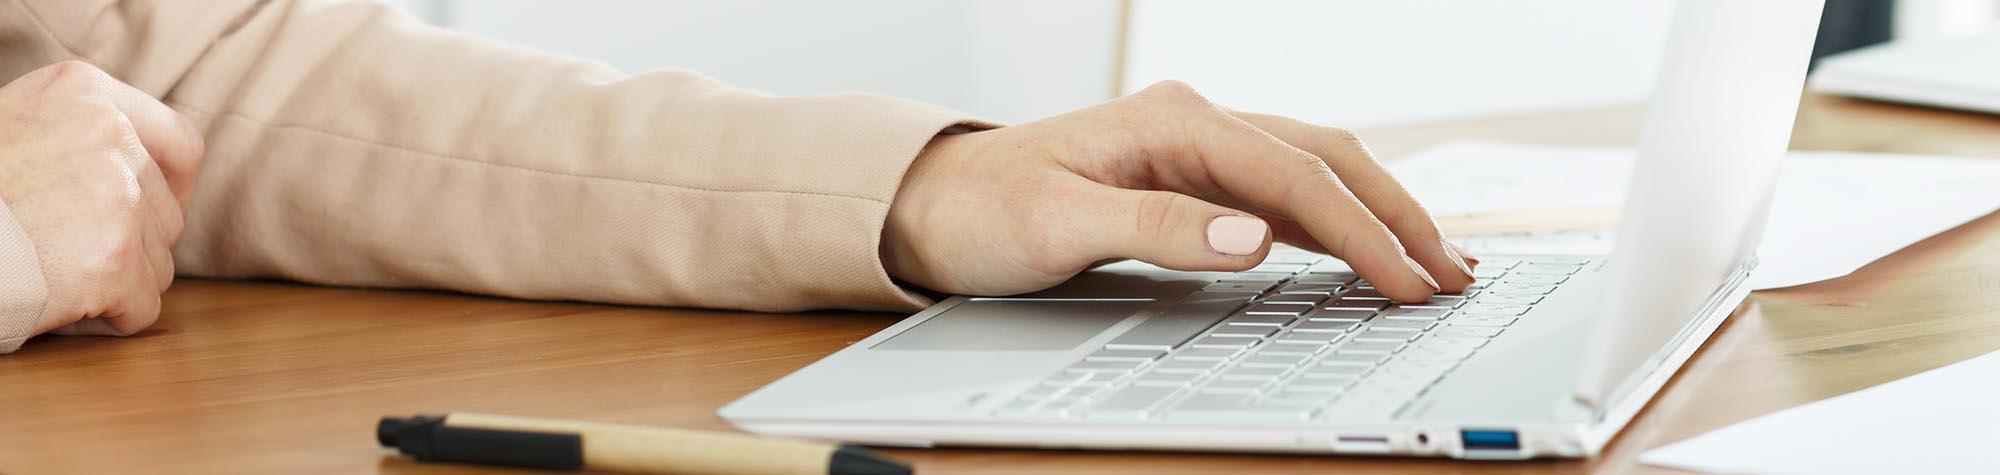 5 técnicas de redacción para aumentar el tiempo de permanencia en tu web